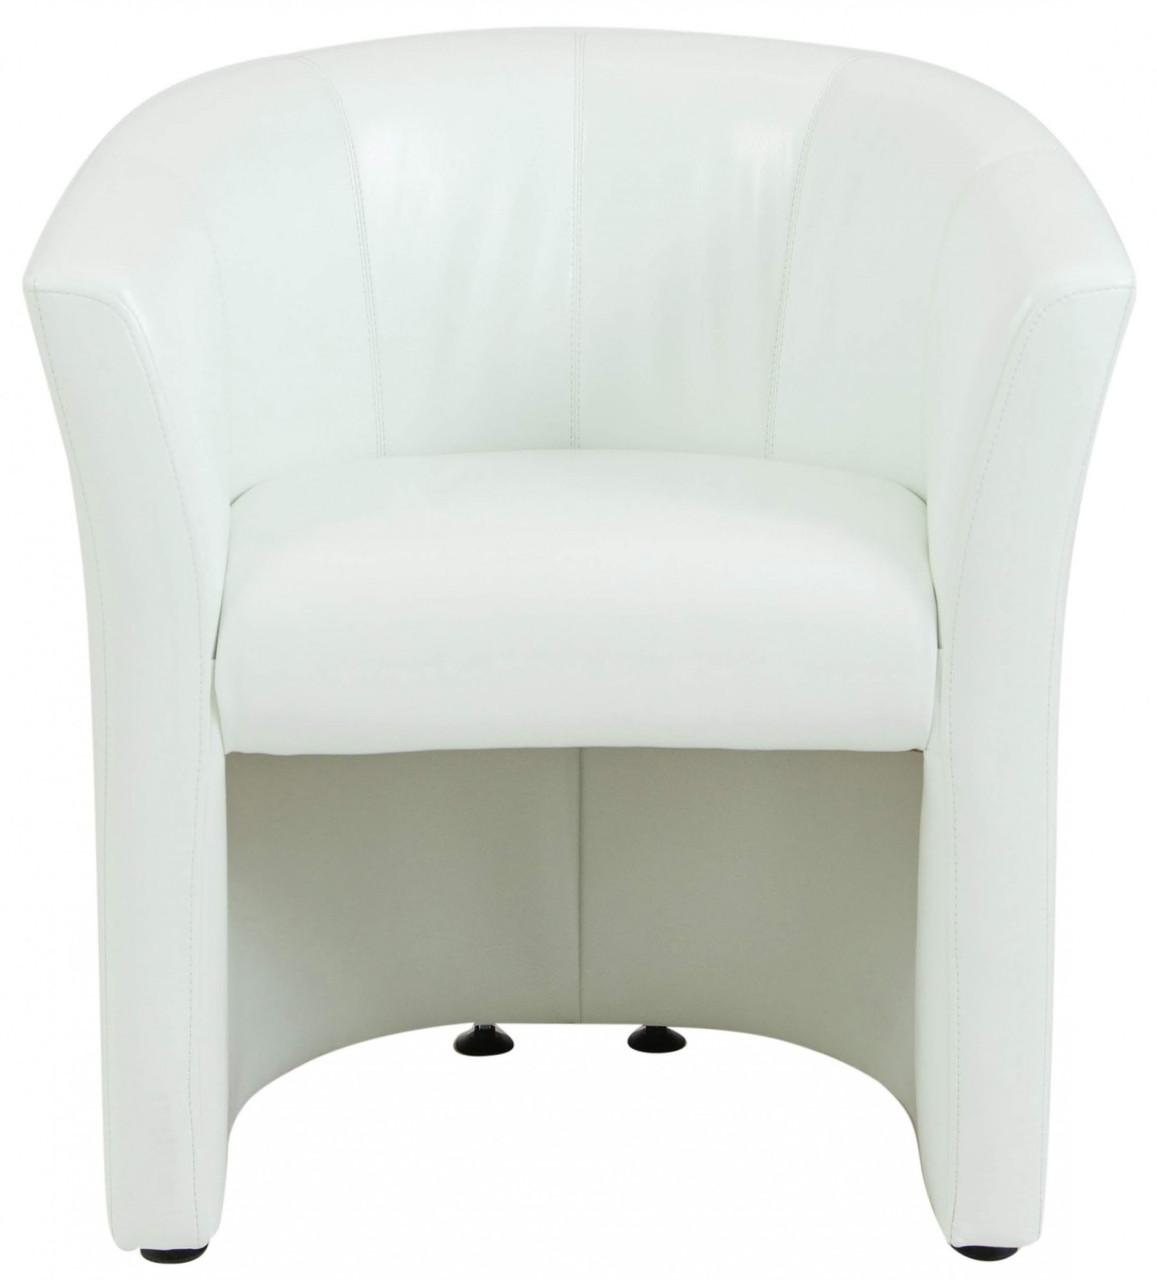 Кресло Richman Бум 650 x 650 x 800H см Zeus Deluxe Snow/2200 Белое